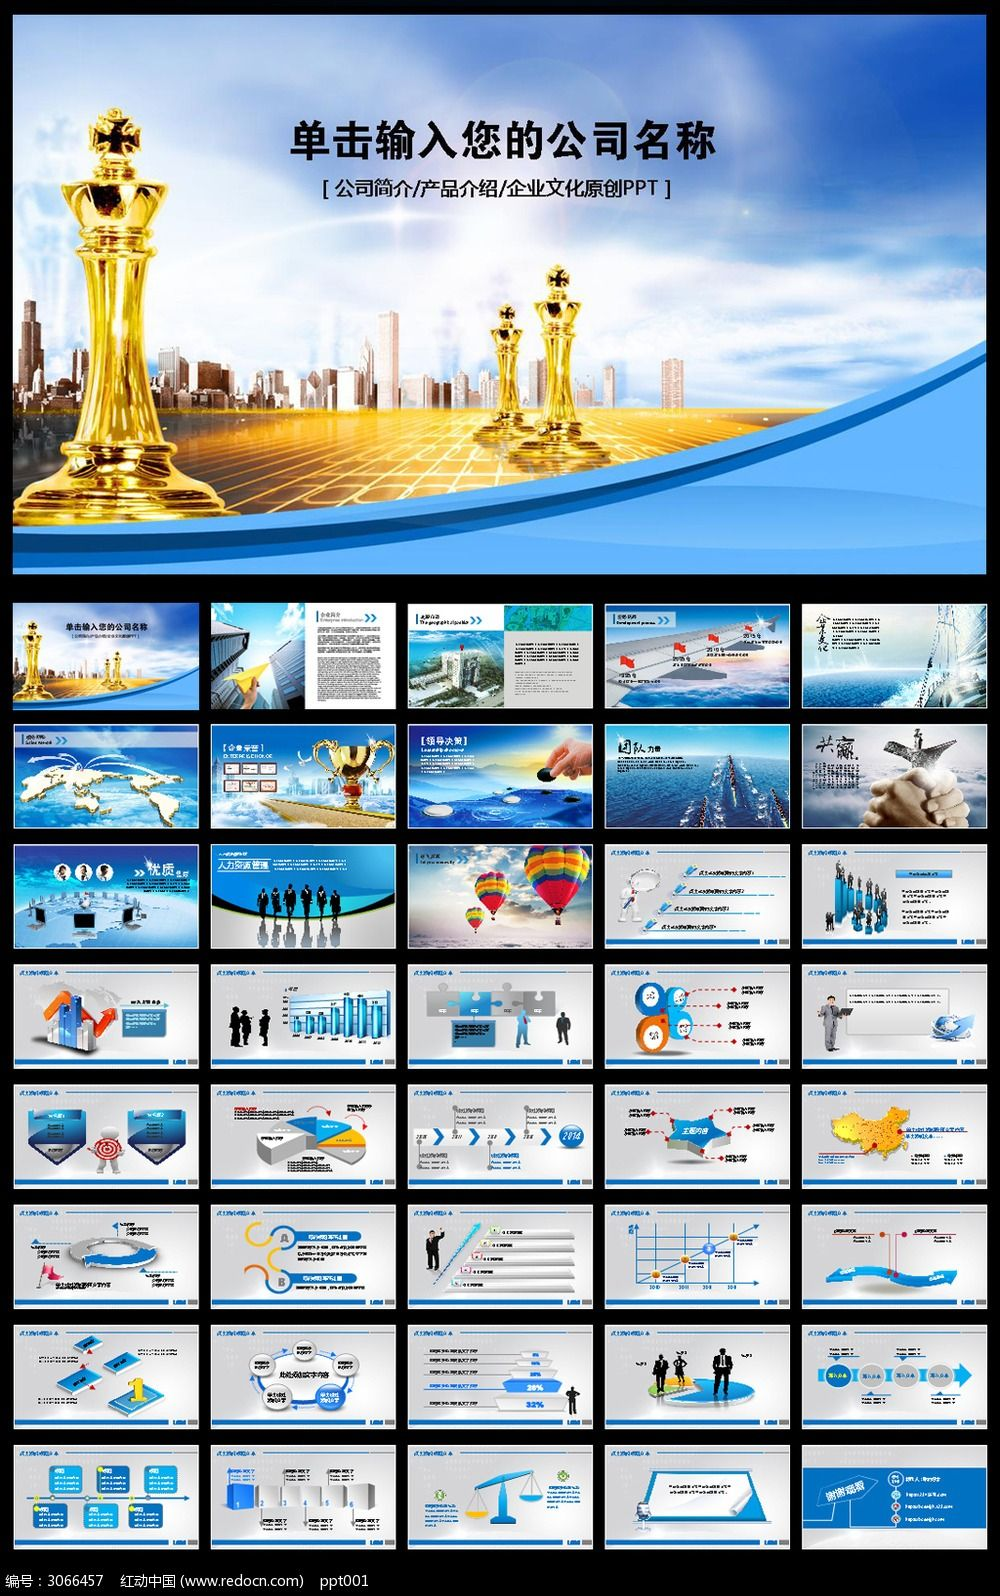 企业宣传片 蓝色 PPT PPT模板 PPT背景 PPT图表 工作 会议 报告 座